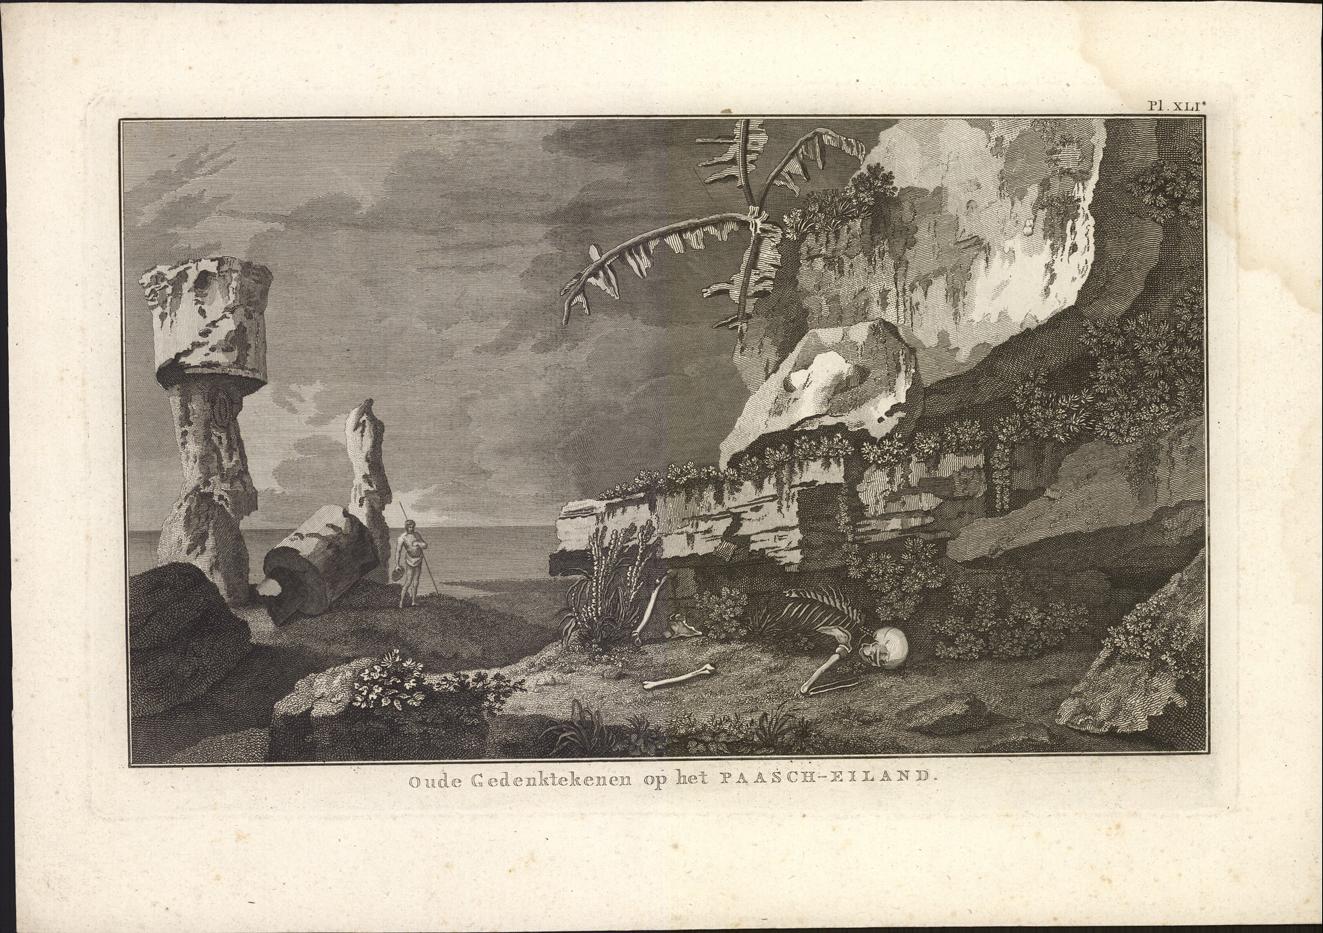 Oude Gedenktekenen op het Paasch-eiland